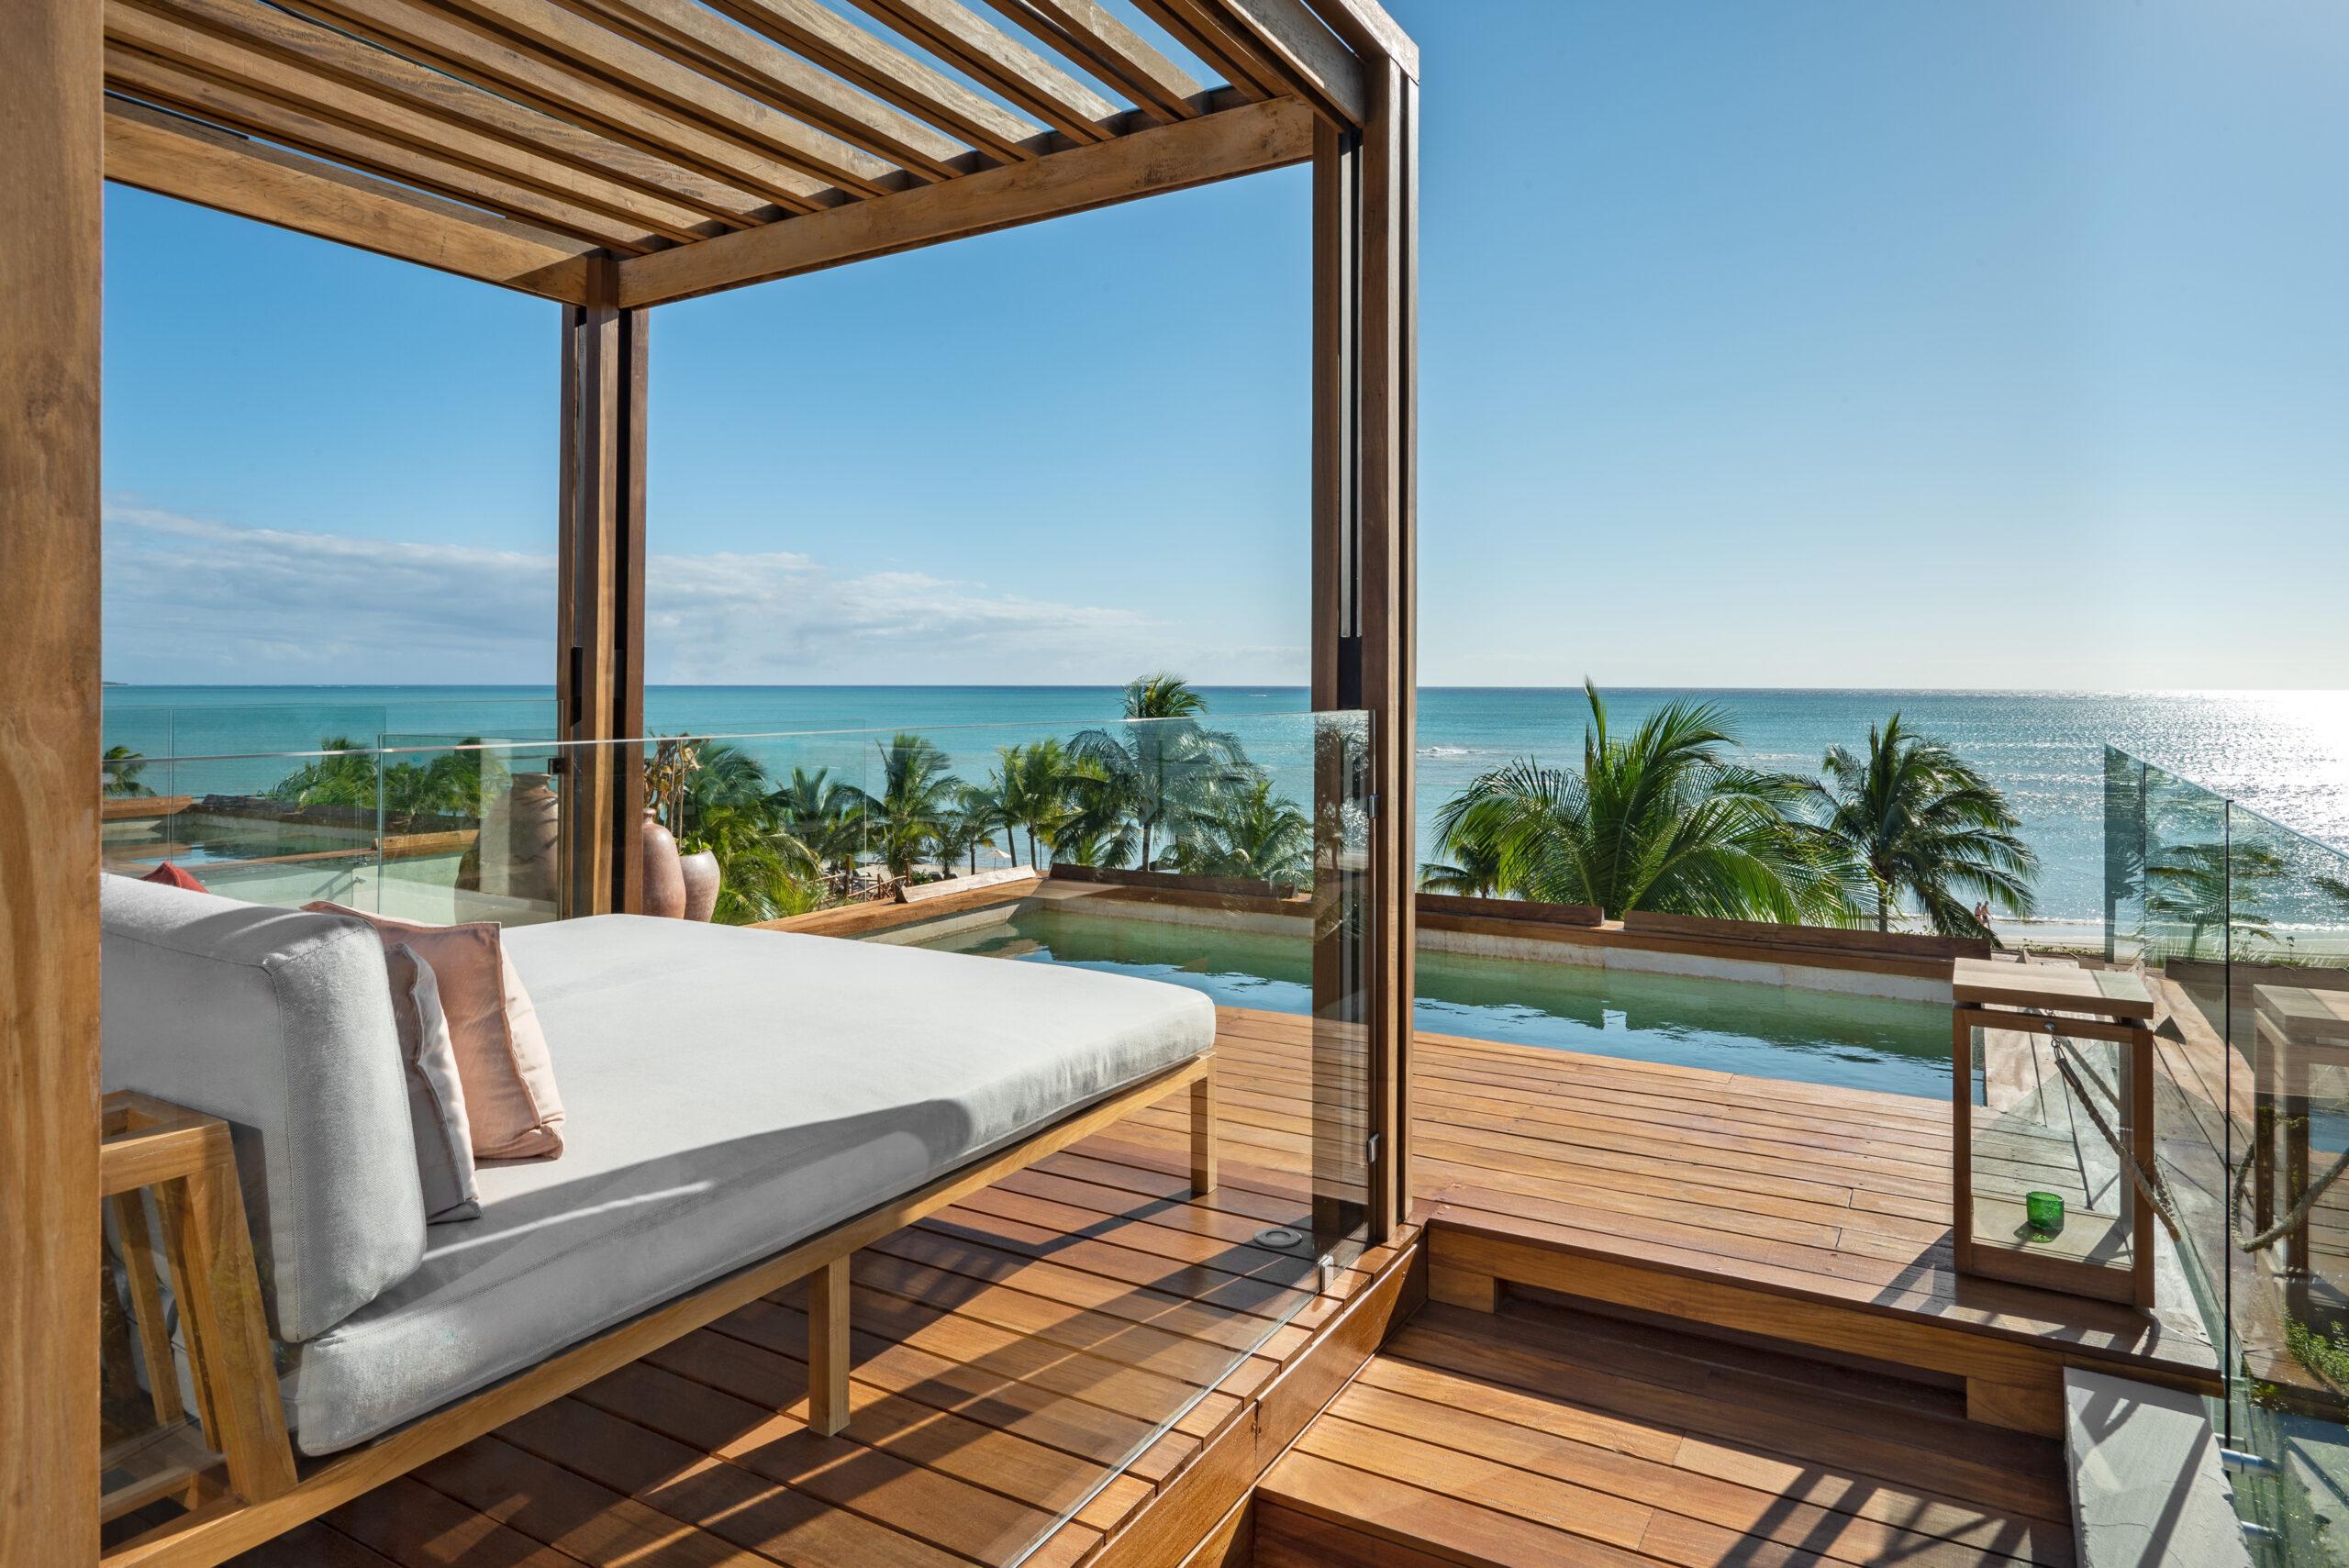 Oceanview Suite Rooftop View